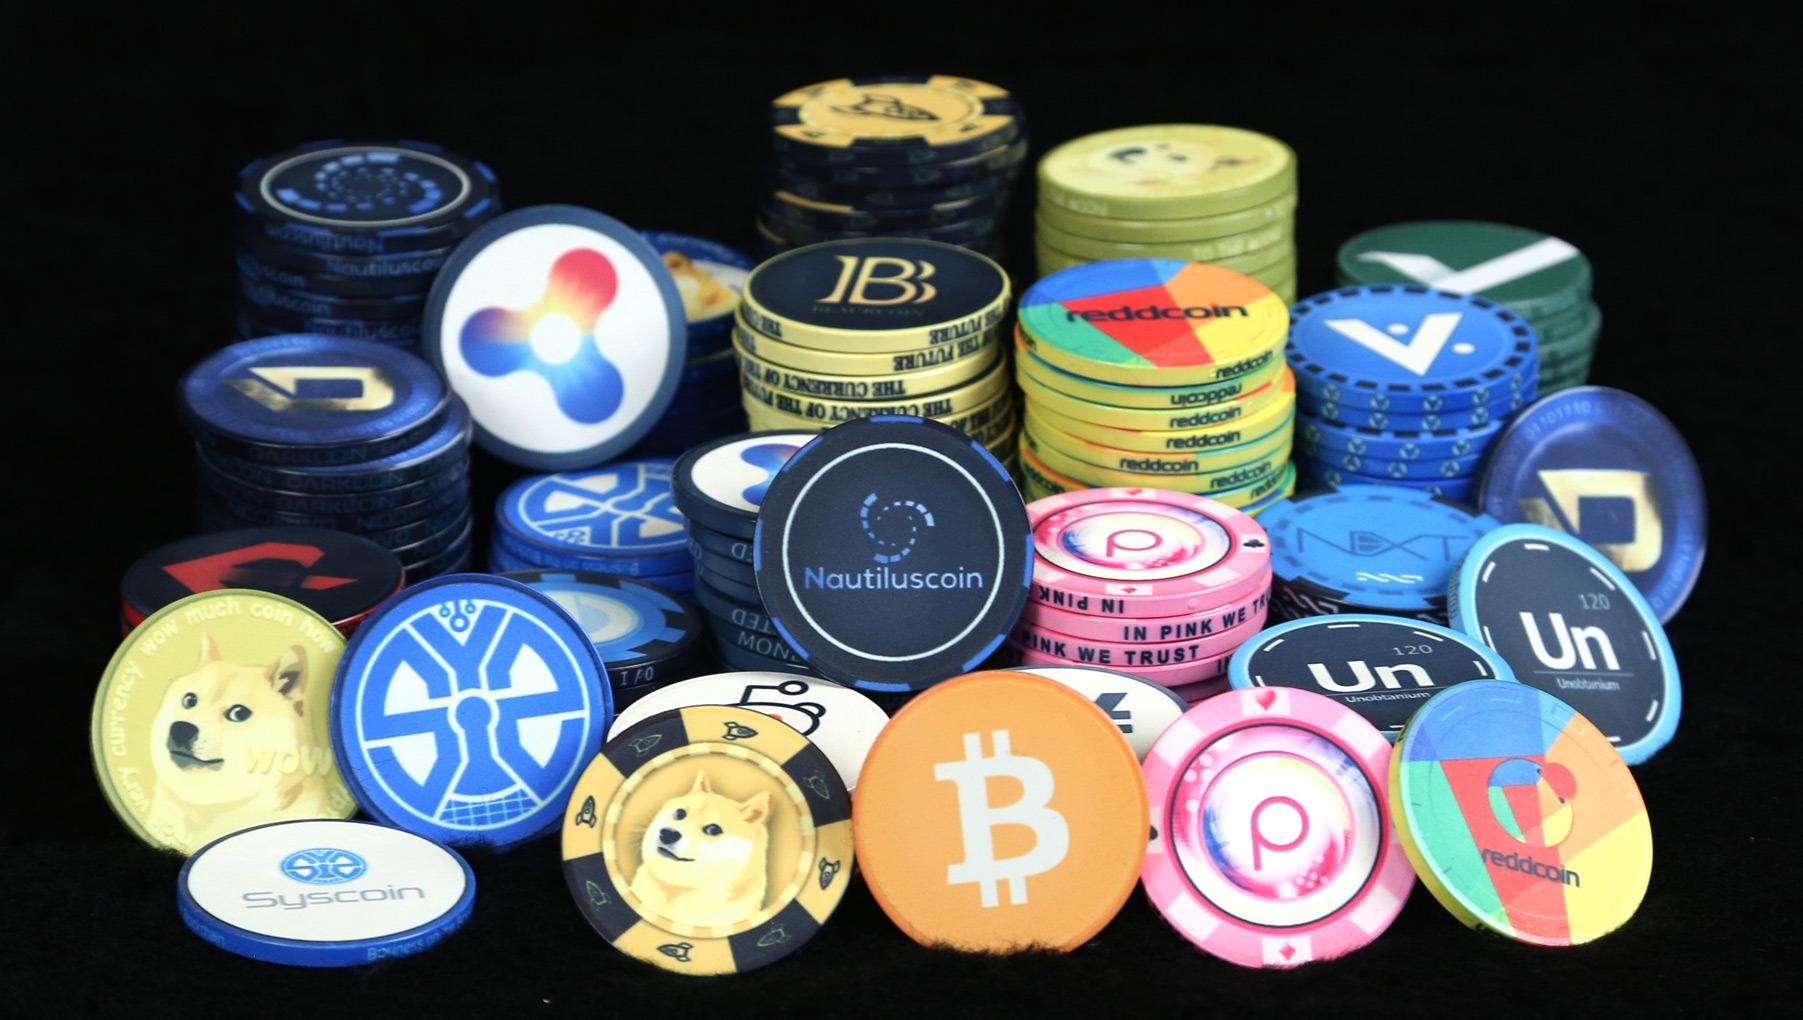 giá bitcoin hôm nay - Tỉ giá bitcoin và các loại cryptocurrency